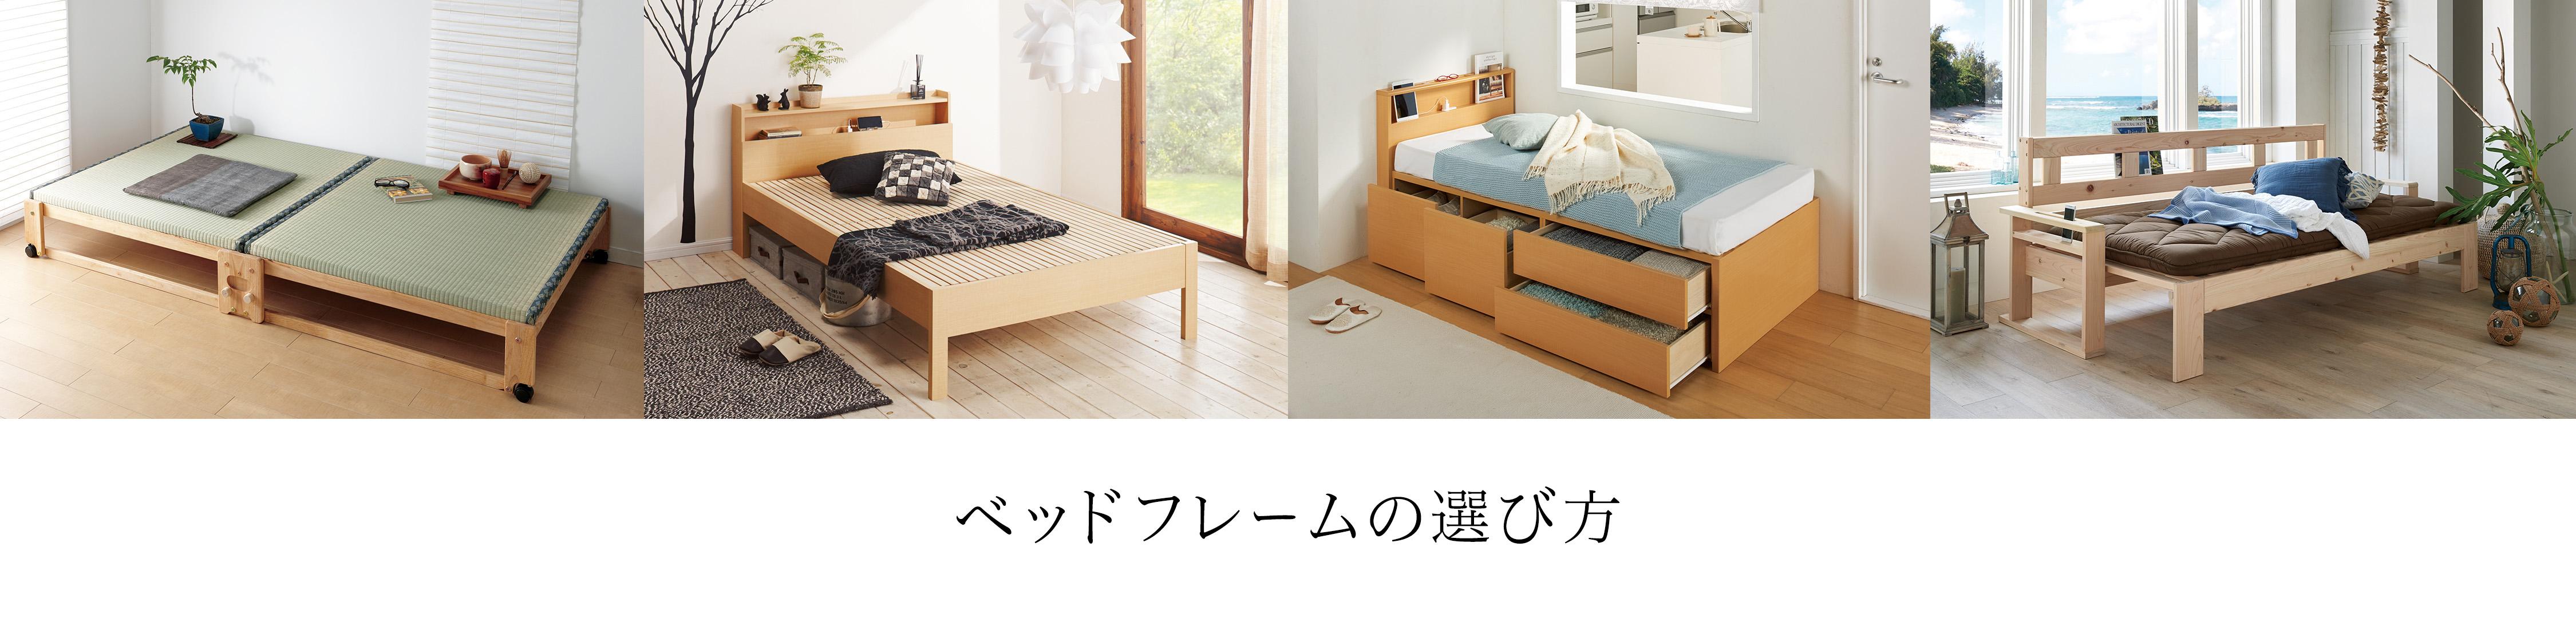 ベッドの選び方|暮らしに合わせた大きさ選びのポイントとフレームの種類